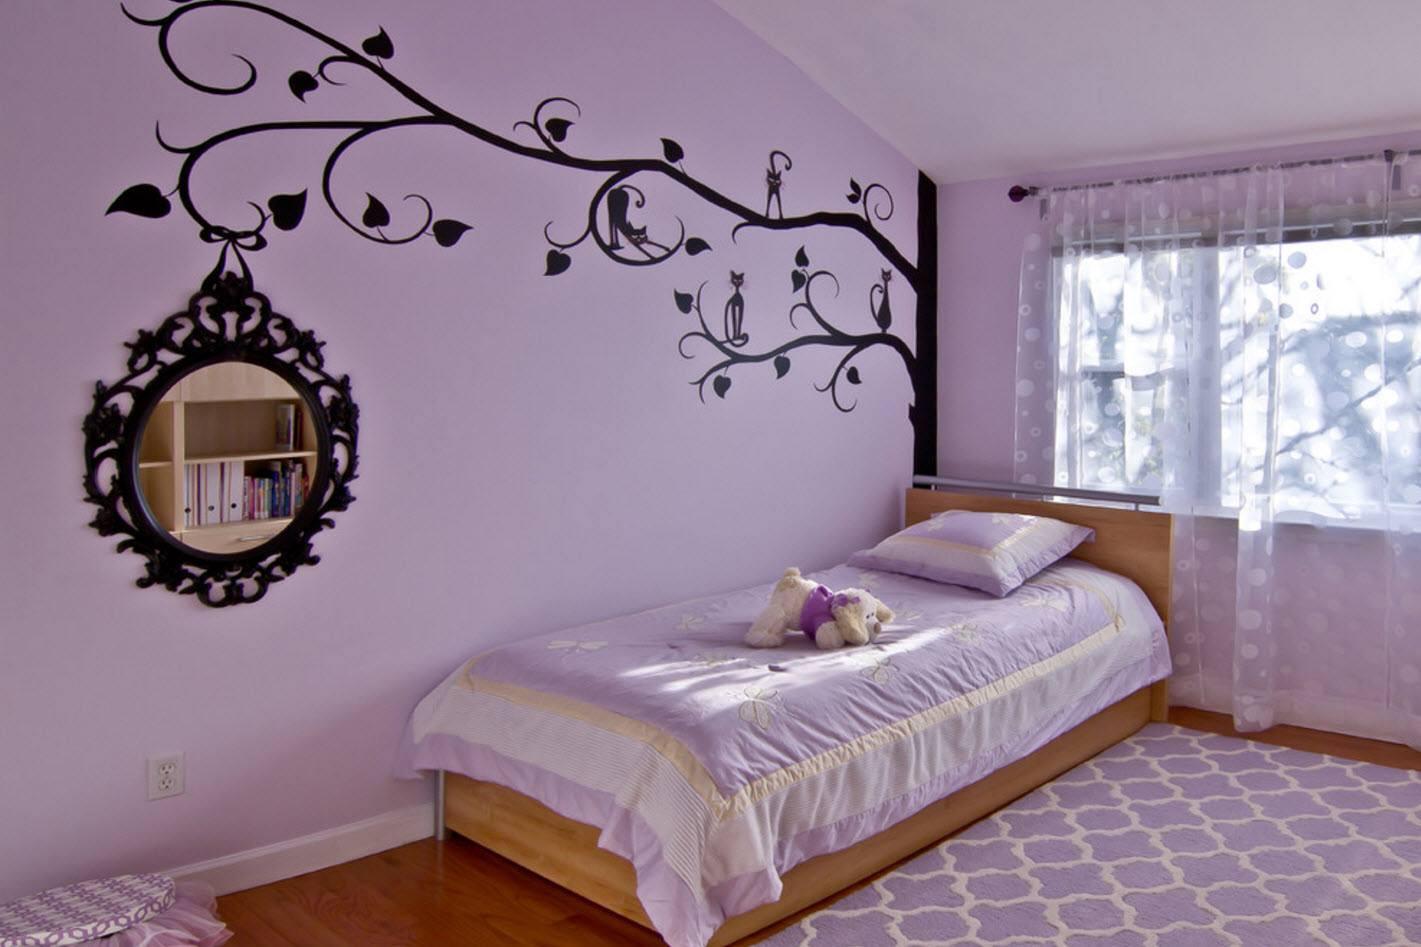 Как украсить комнату своими руками - 61 фото организации